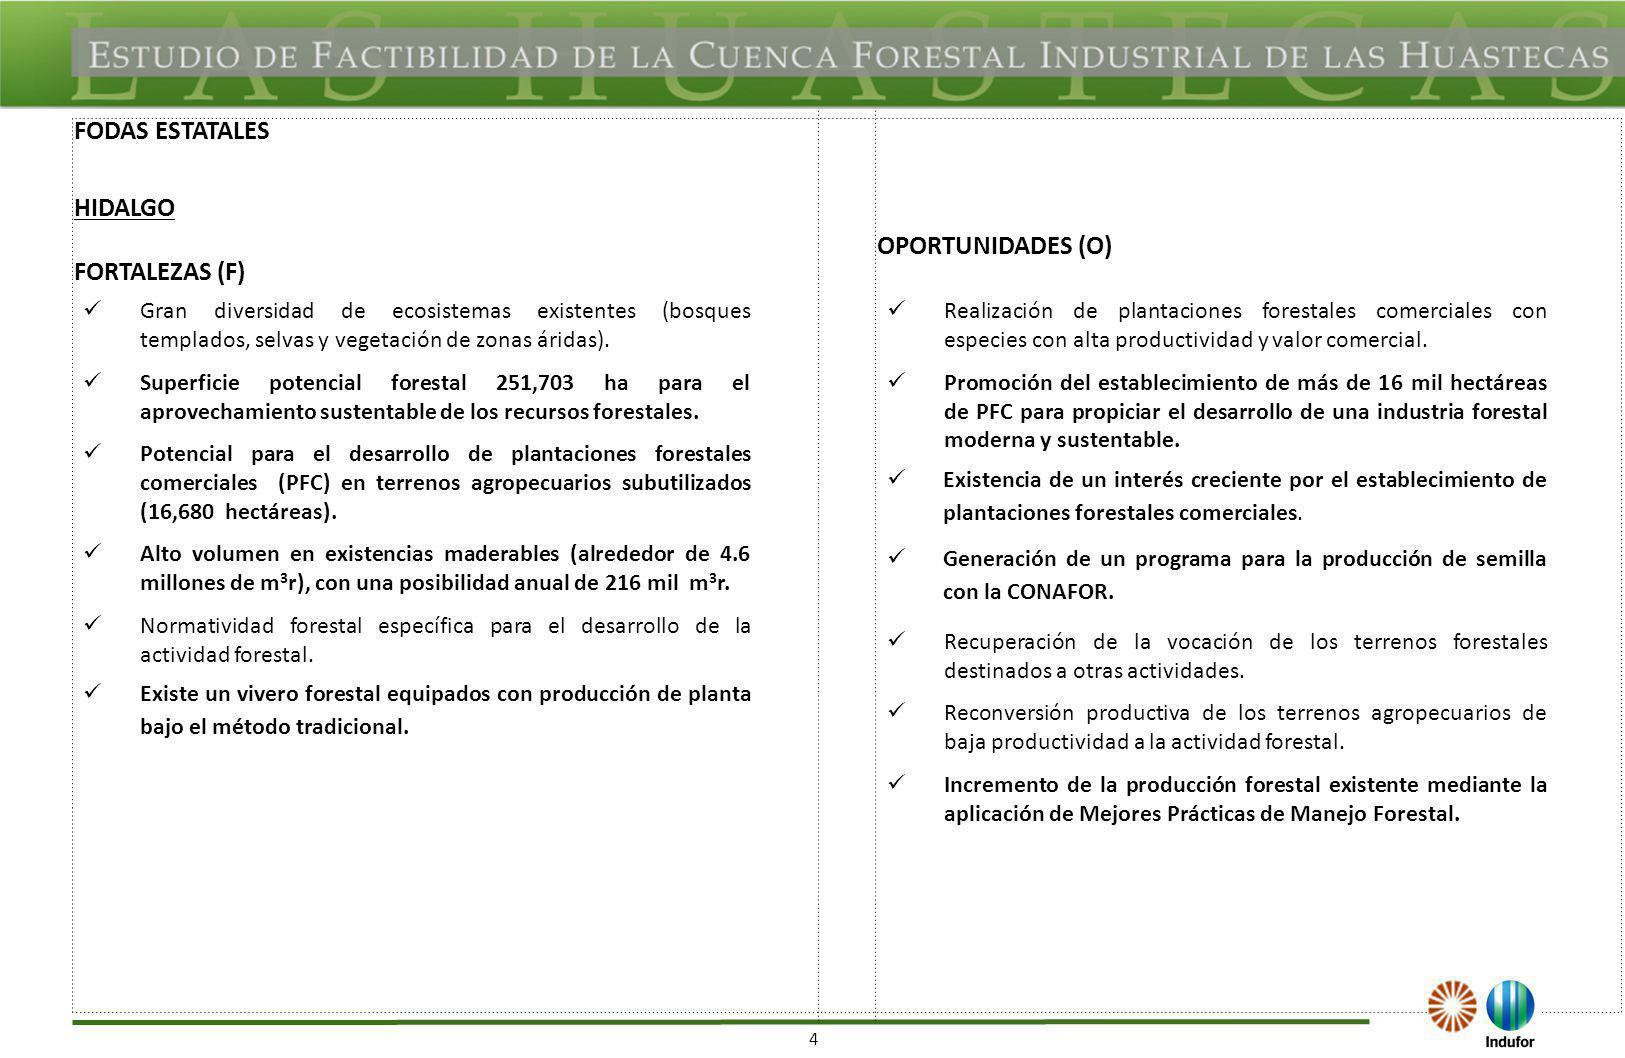 25 DEBILIDADES (D)AMENAZAS (A) Escasez de asistencia técnica para el manejo adecuado de los recursos forestales.